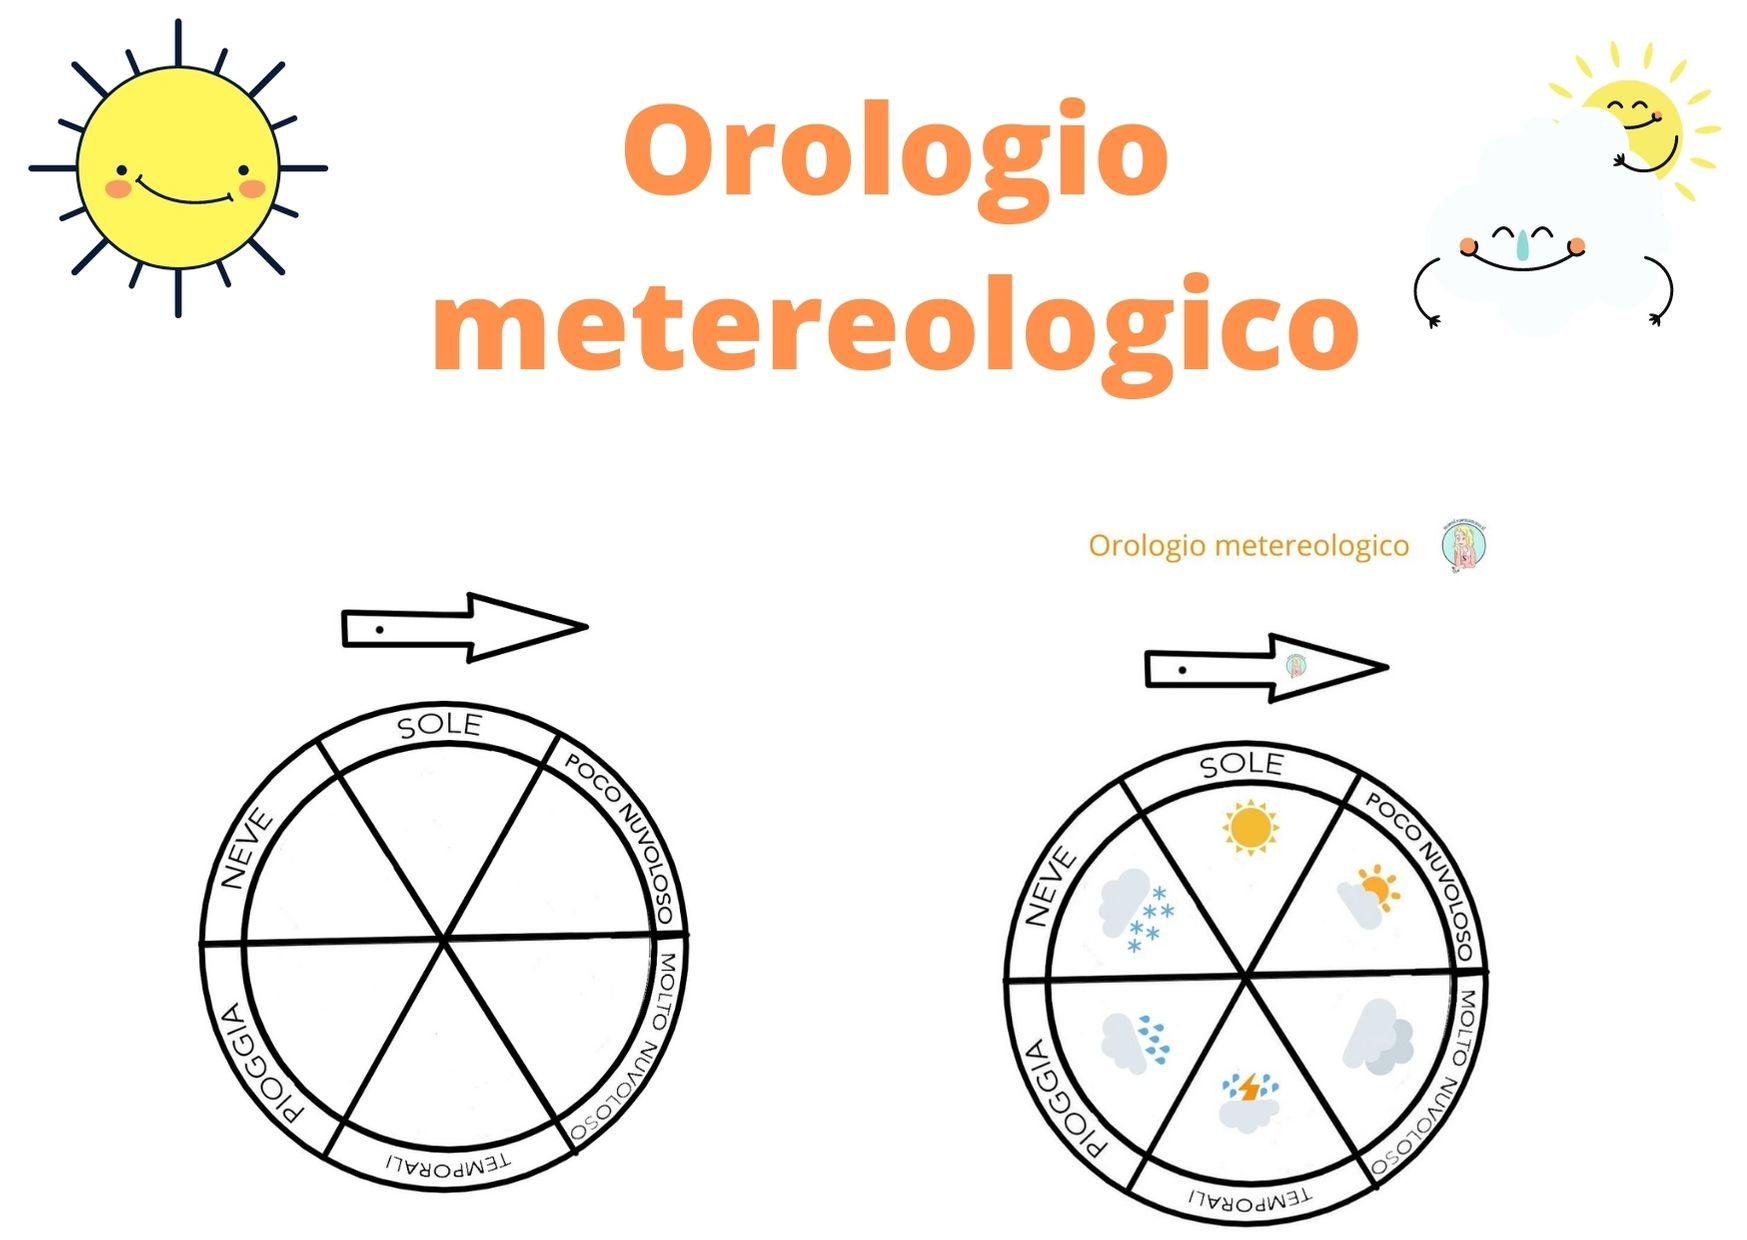 Orologio meteorologico per bambini da stampare